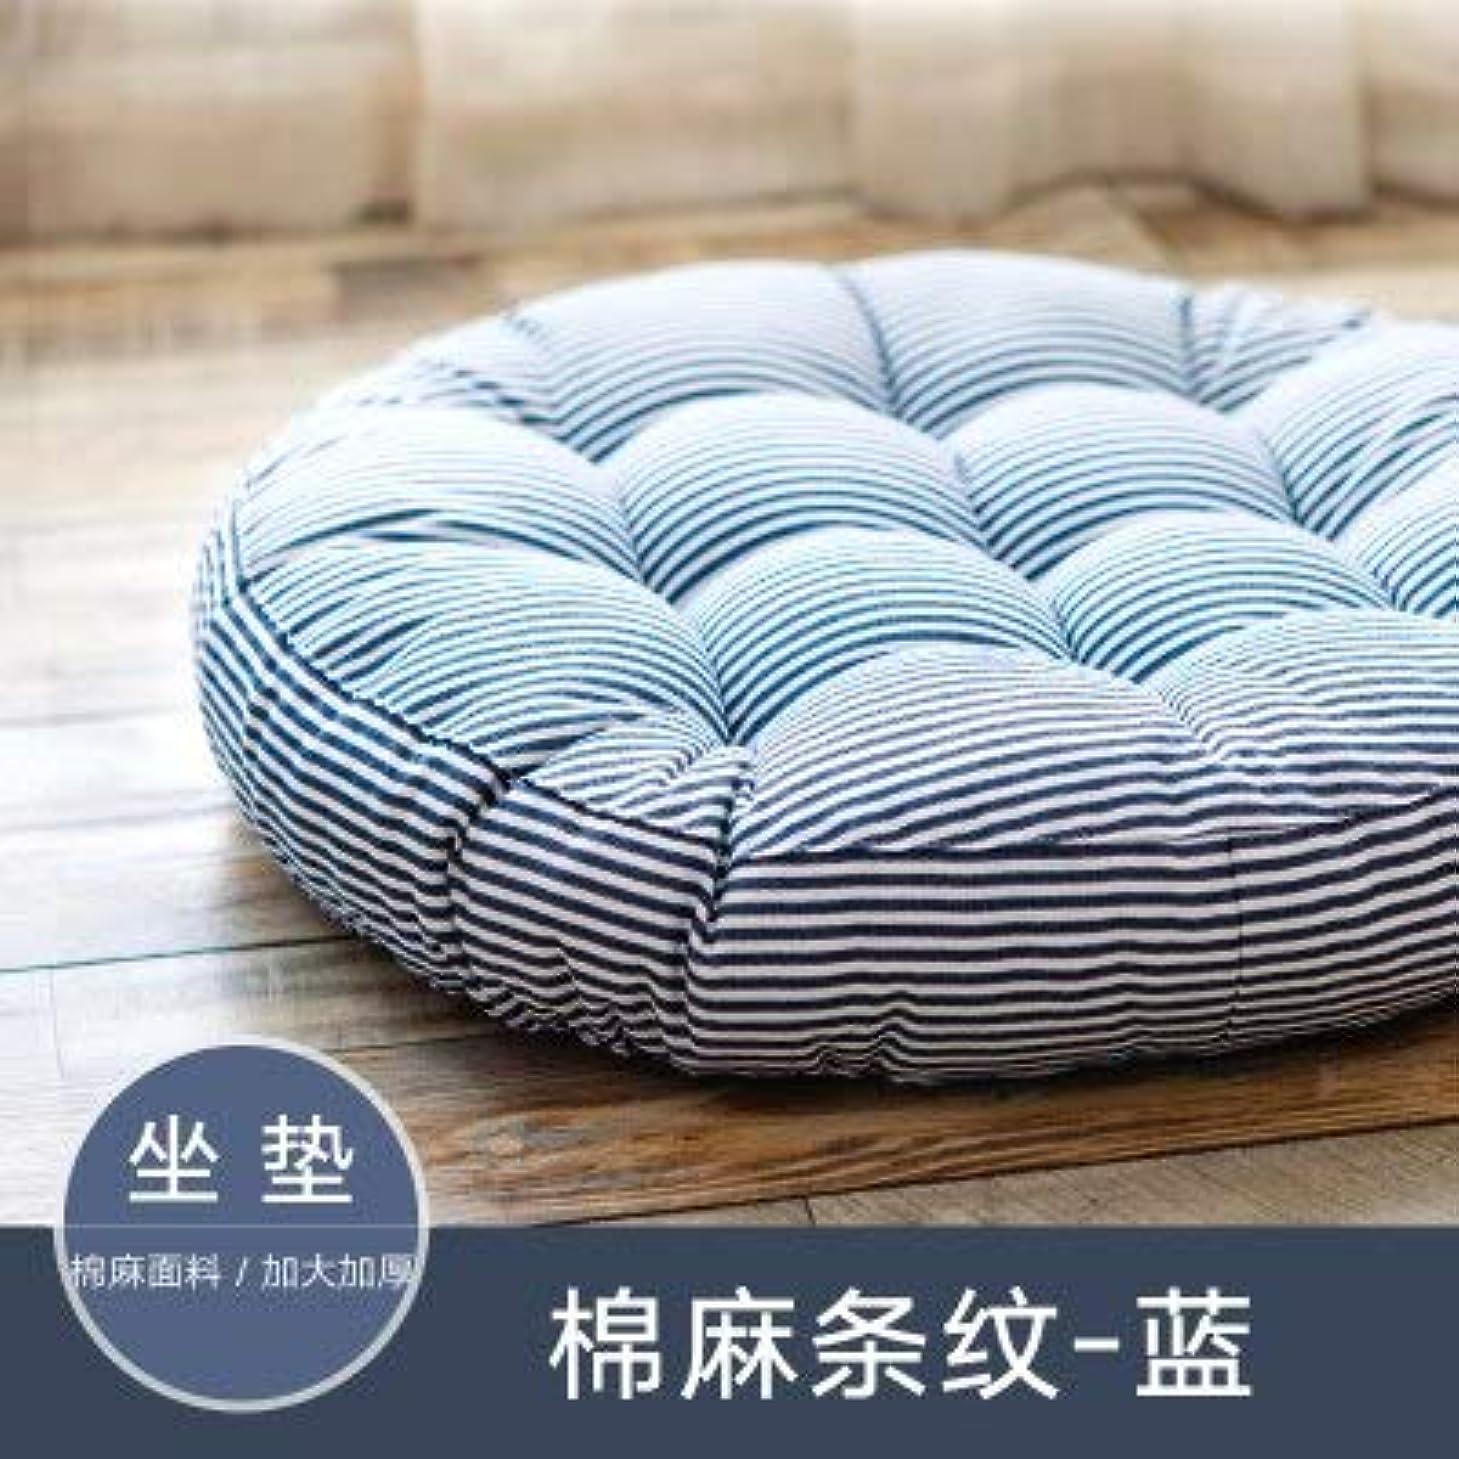 贅沢なかなり頼むLIFE ラウンド厚い椅子のクッションフロアマットレスシートパッドソフトホームオフィスチェアクッションマットソフトスロー枕最高品質の床クッション クッション 椅子